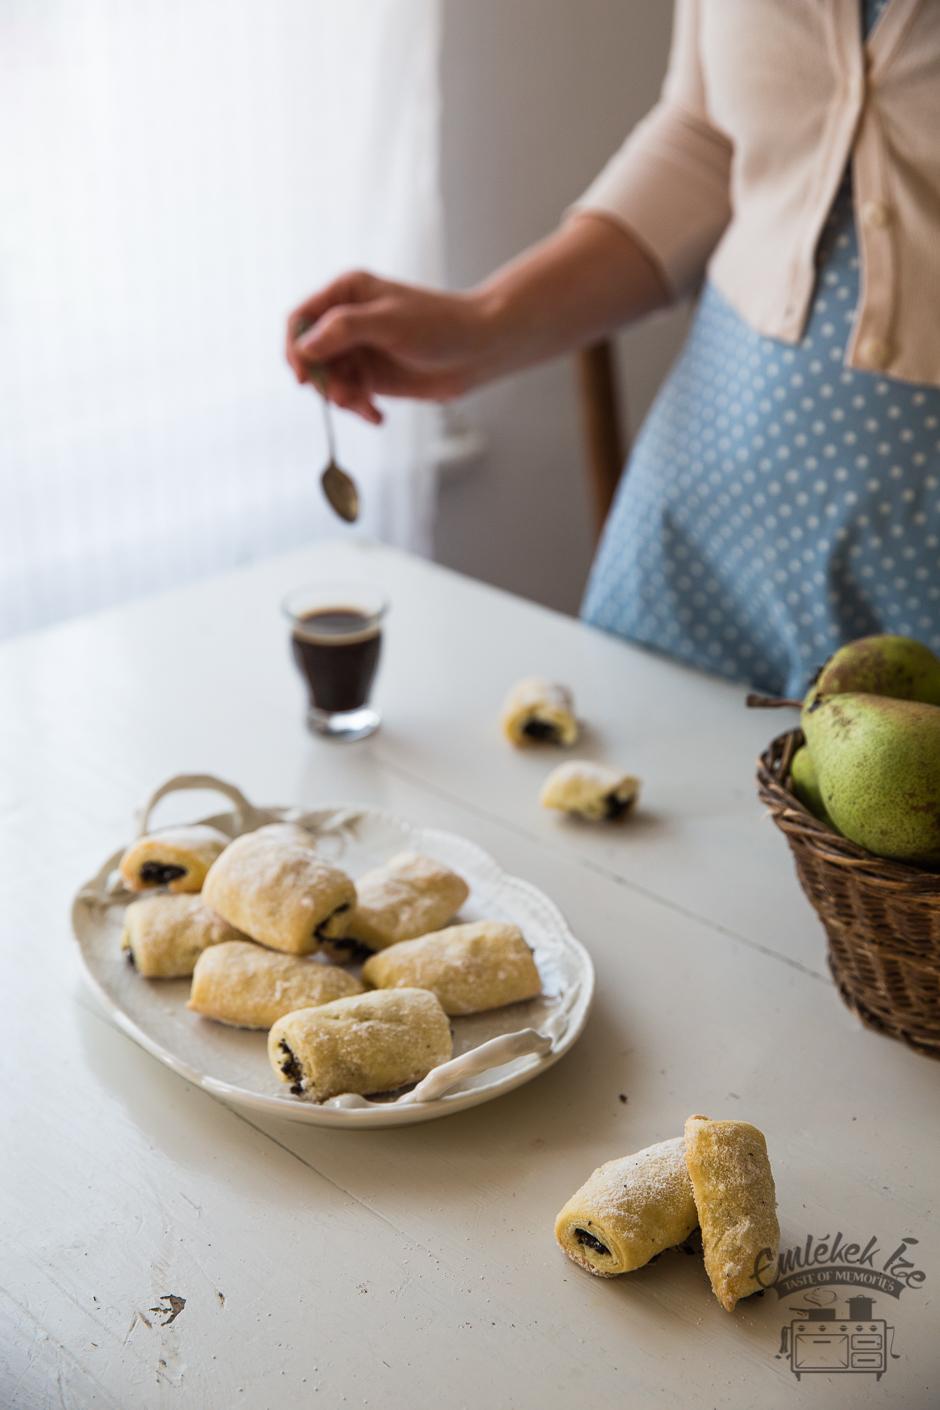 mákos kifli családi recept alapján az Emlékek Íze konyhájából www.emlekekize.hu